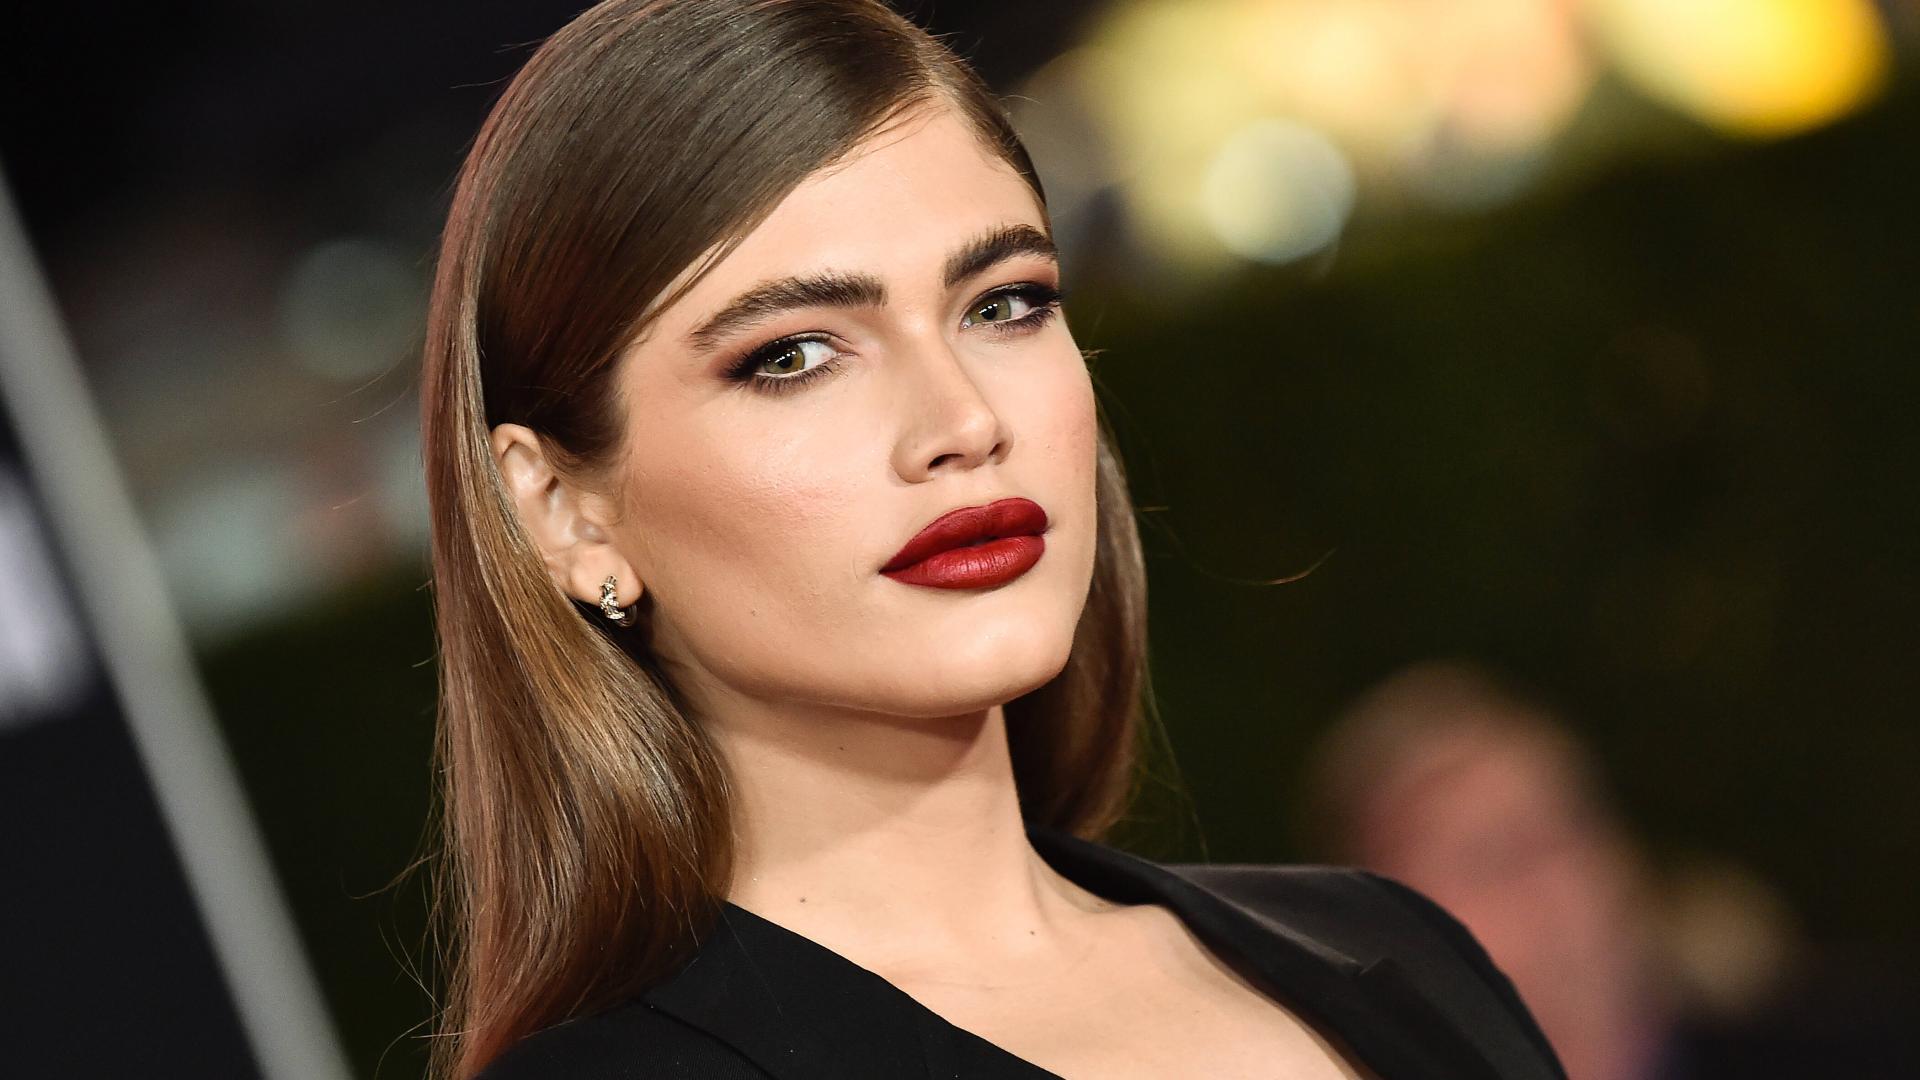 Das Transgender-Model hat bereits für Marken wie Victorias Secret gearbeitet